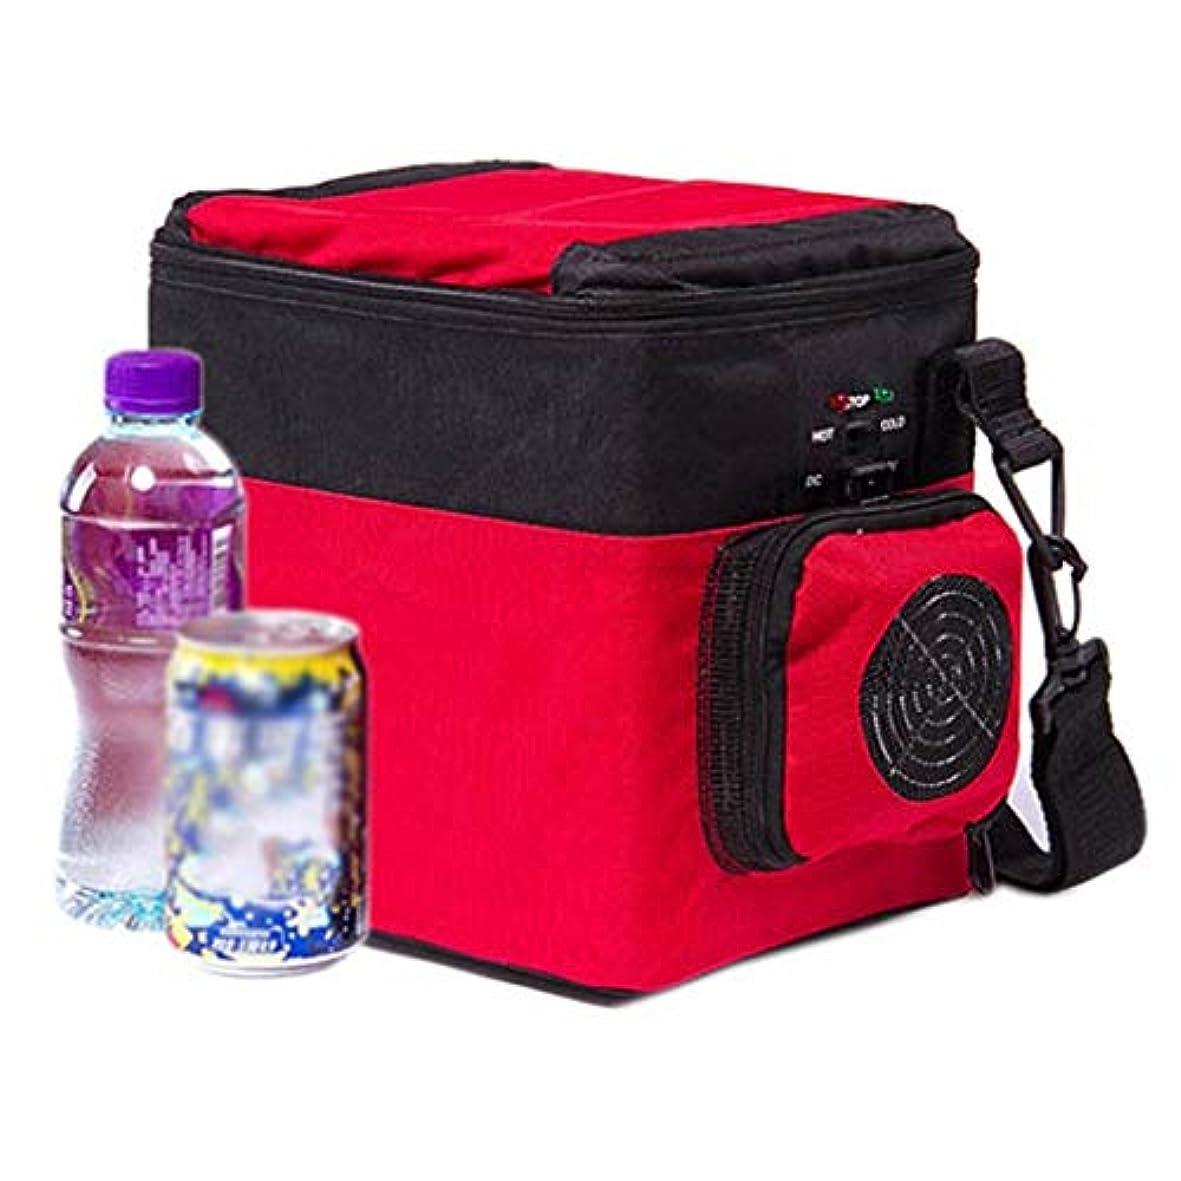 持ってる電話に出る結婚YLLN 6Lミニカー小型冷蔵庫車デュアルユース車ポータブル冷暖房ボックス飲料冷蔵暖房ドミトリーオフィス冷蔵庫(色:RED-Car and home)